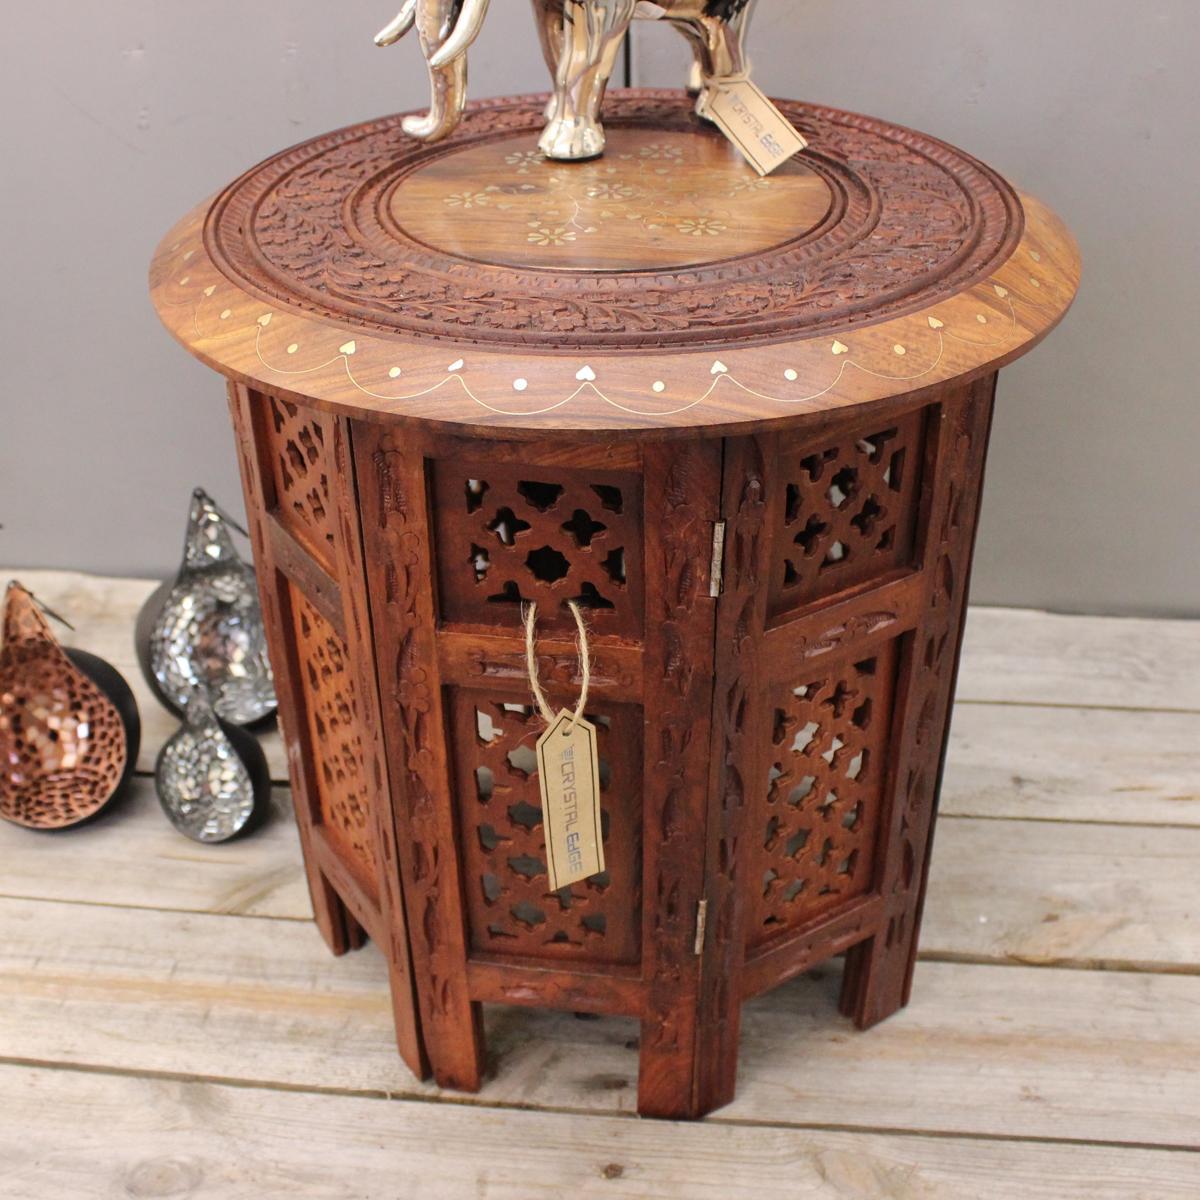 ajay klein beistelltisch h lzerne runde kaffee lampe ende braun handgeschnitzt ebay. Black Bedroom Furniture Sets. Home Design Ideas